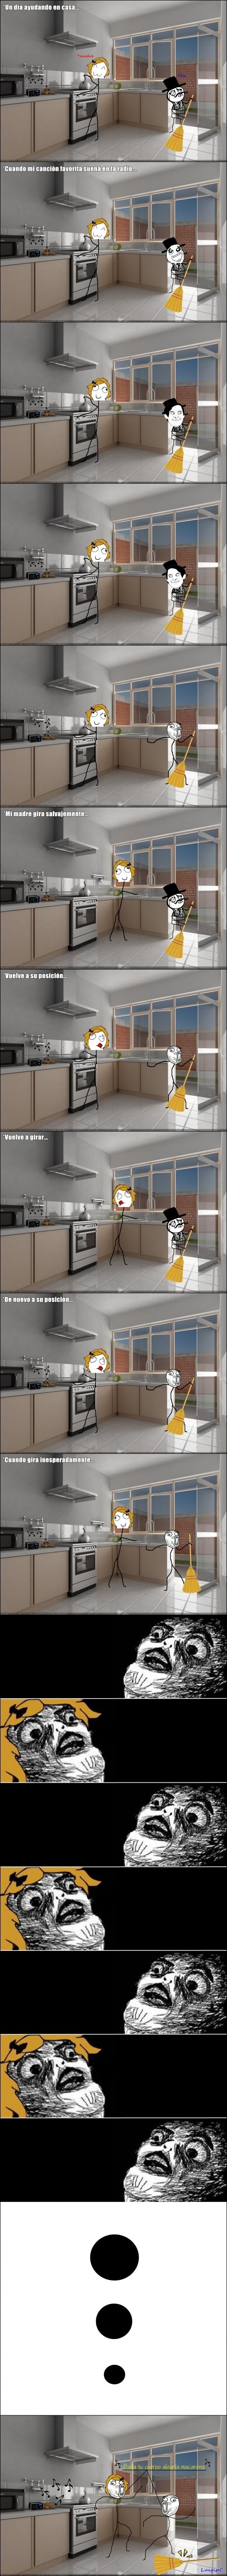 bailar,bailar en la cocina,barrer,cocina,cuando no me ve,escobra,lol,macarena,madre